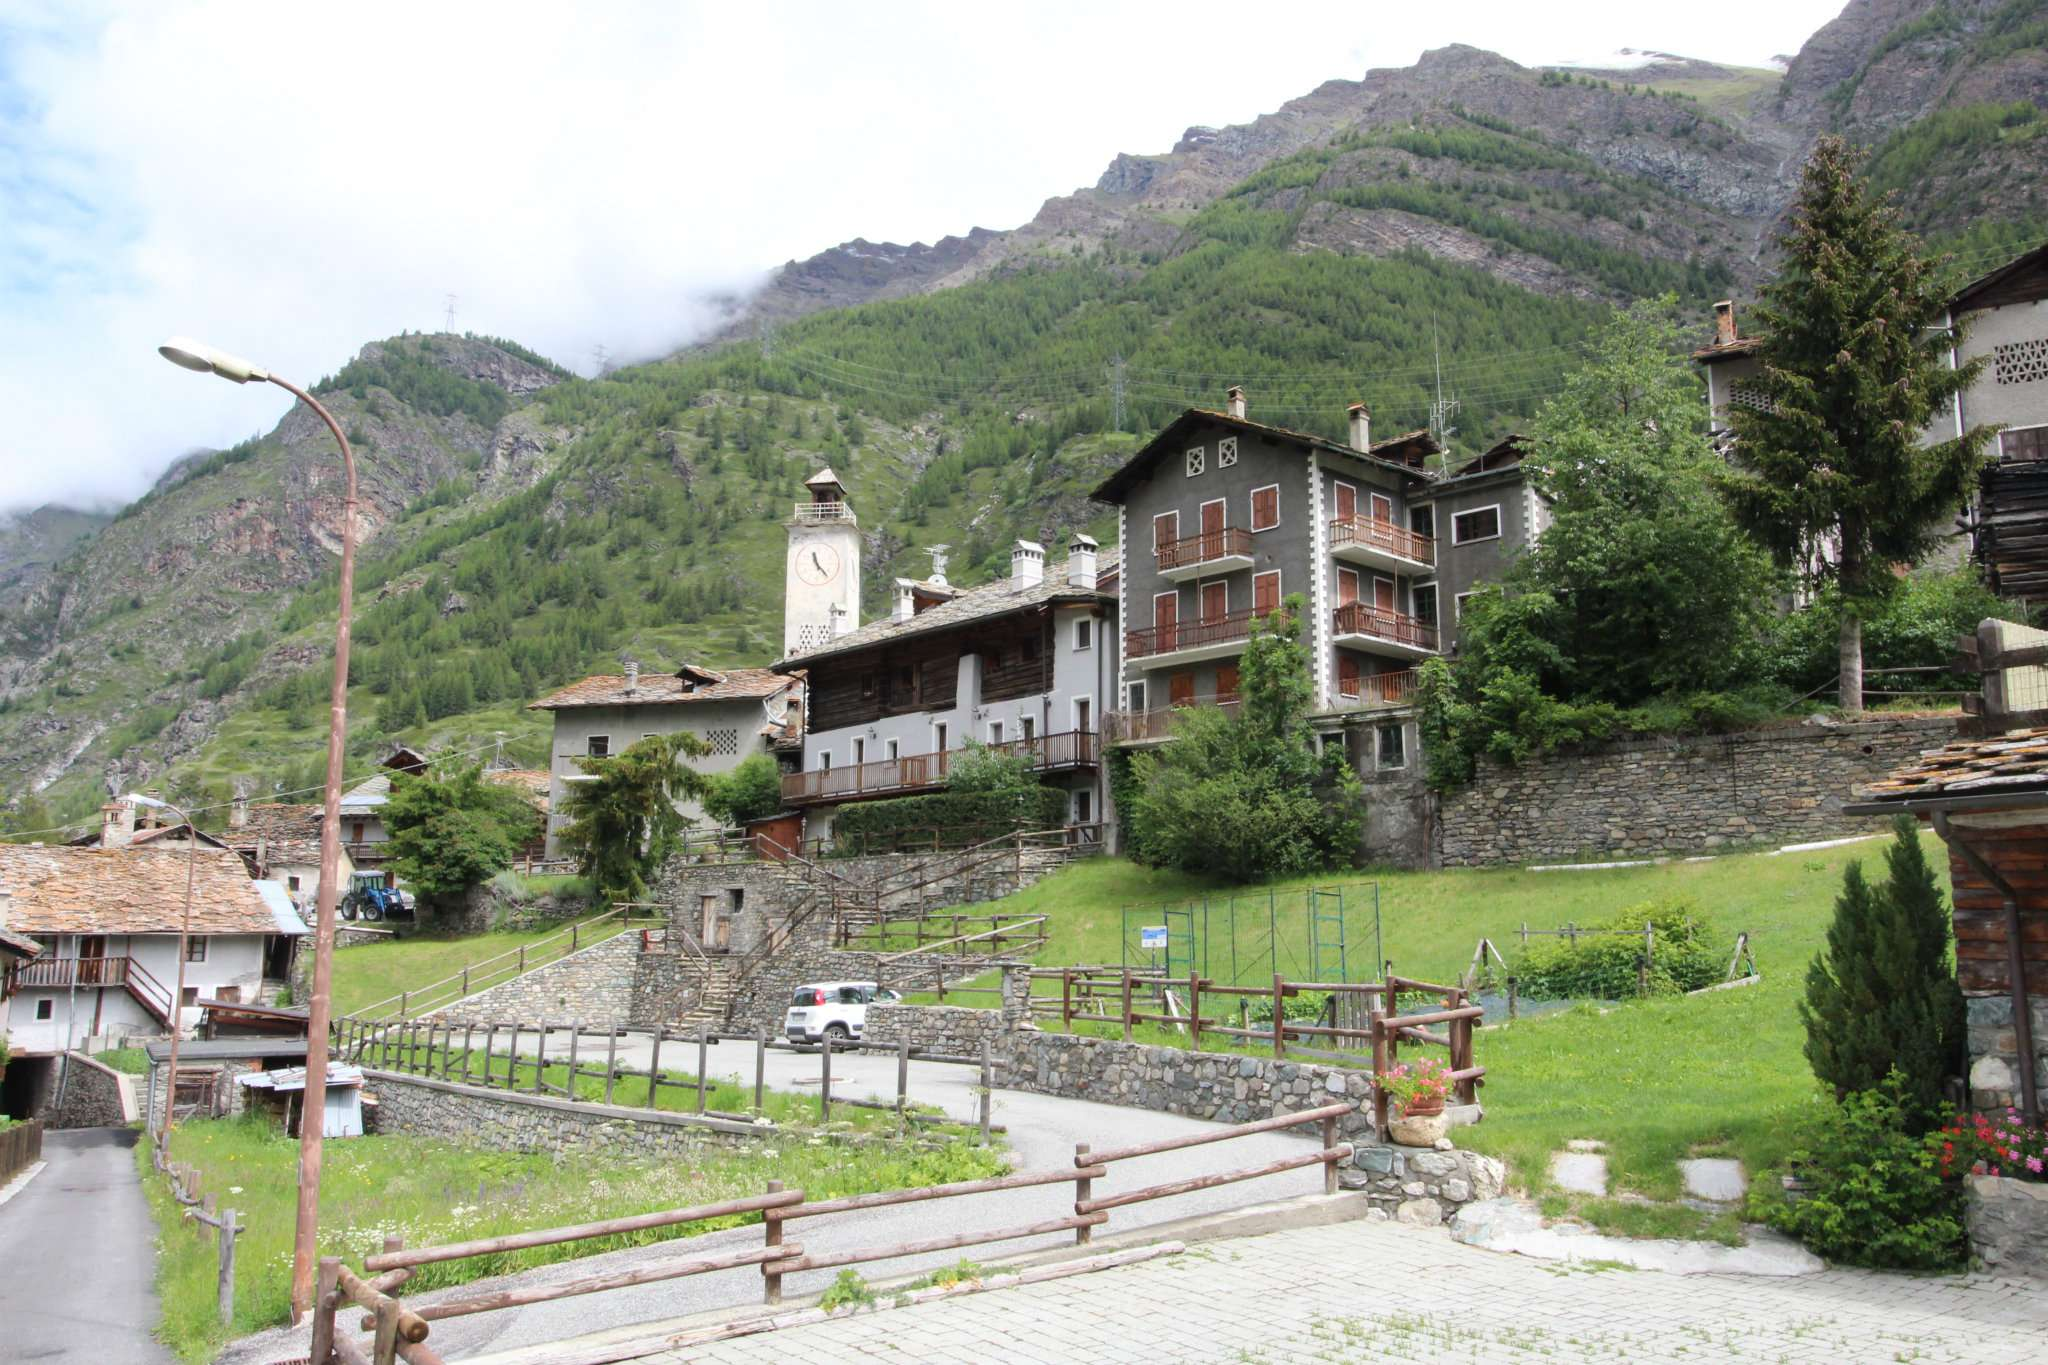 Attico / Mansarda in vendita a Cogne, 4 locali, prezzo € 215.000   PortaleAgenzieImmobiliari.it